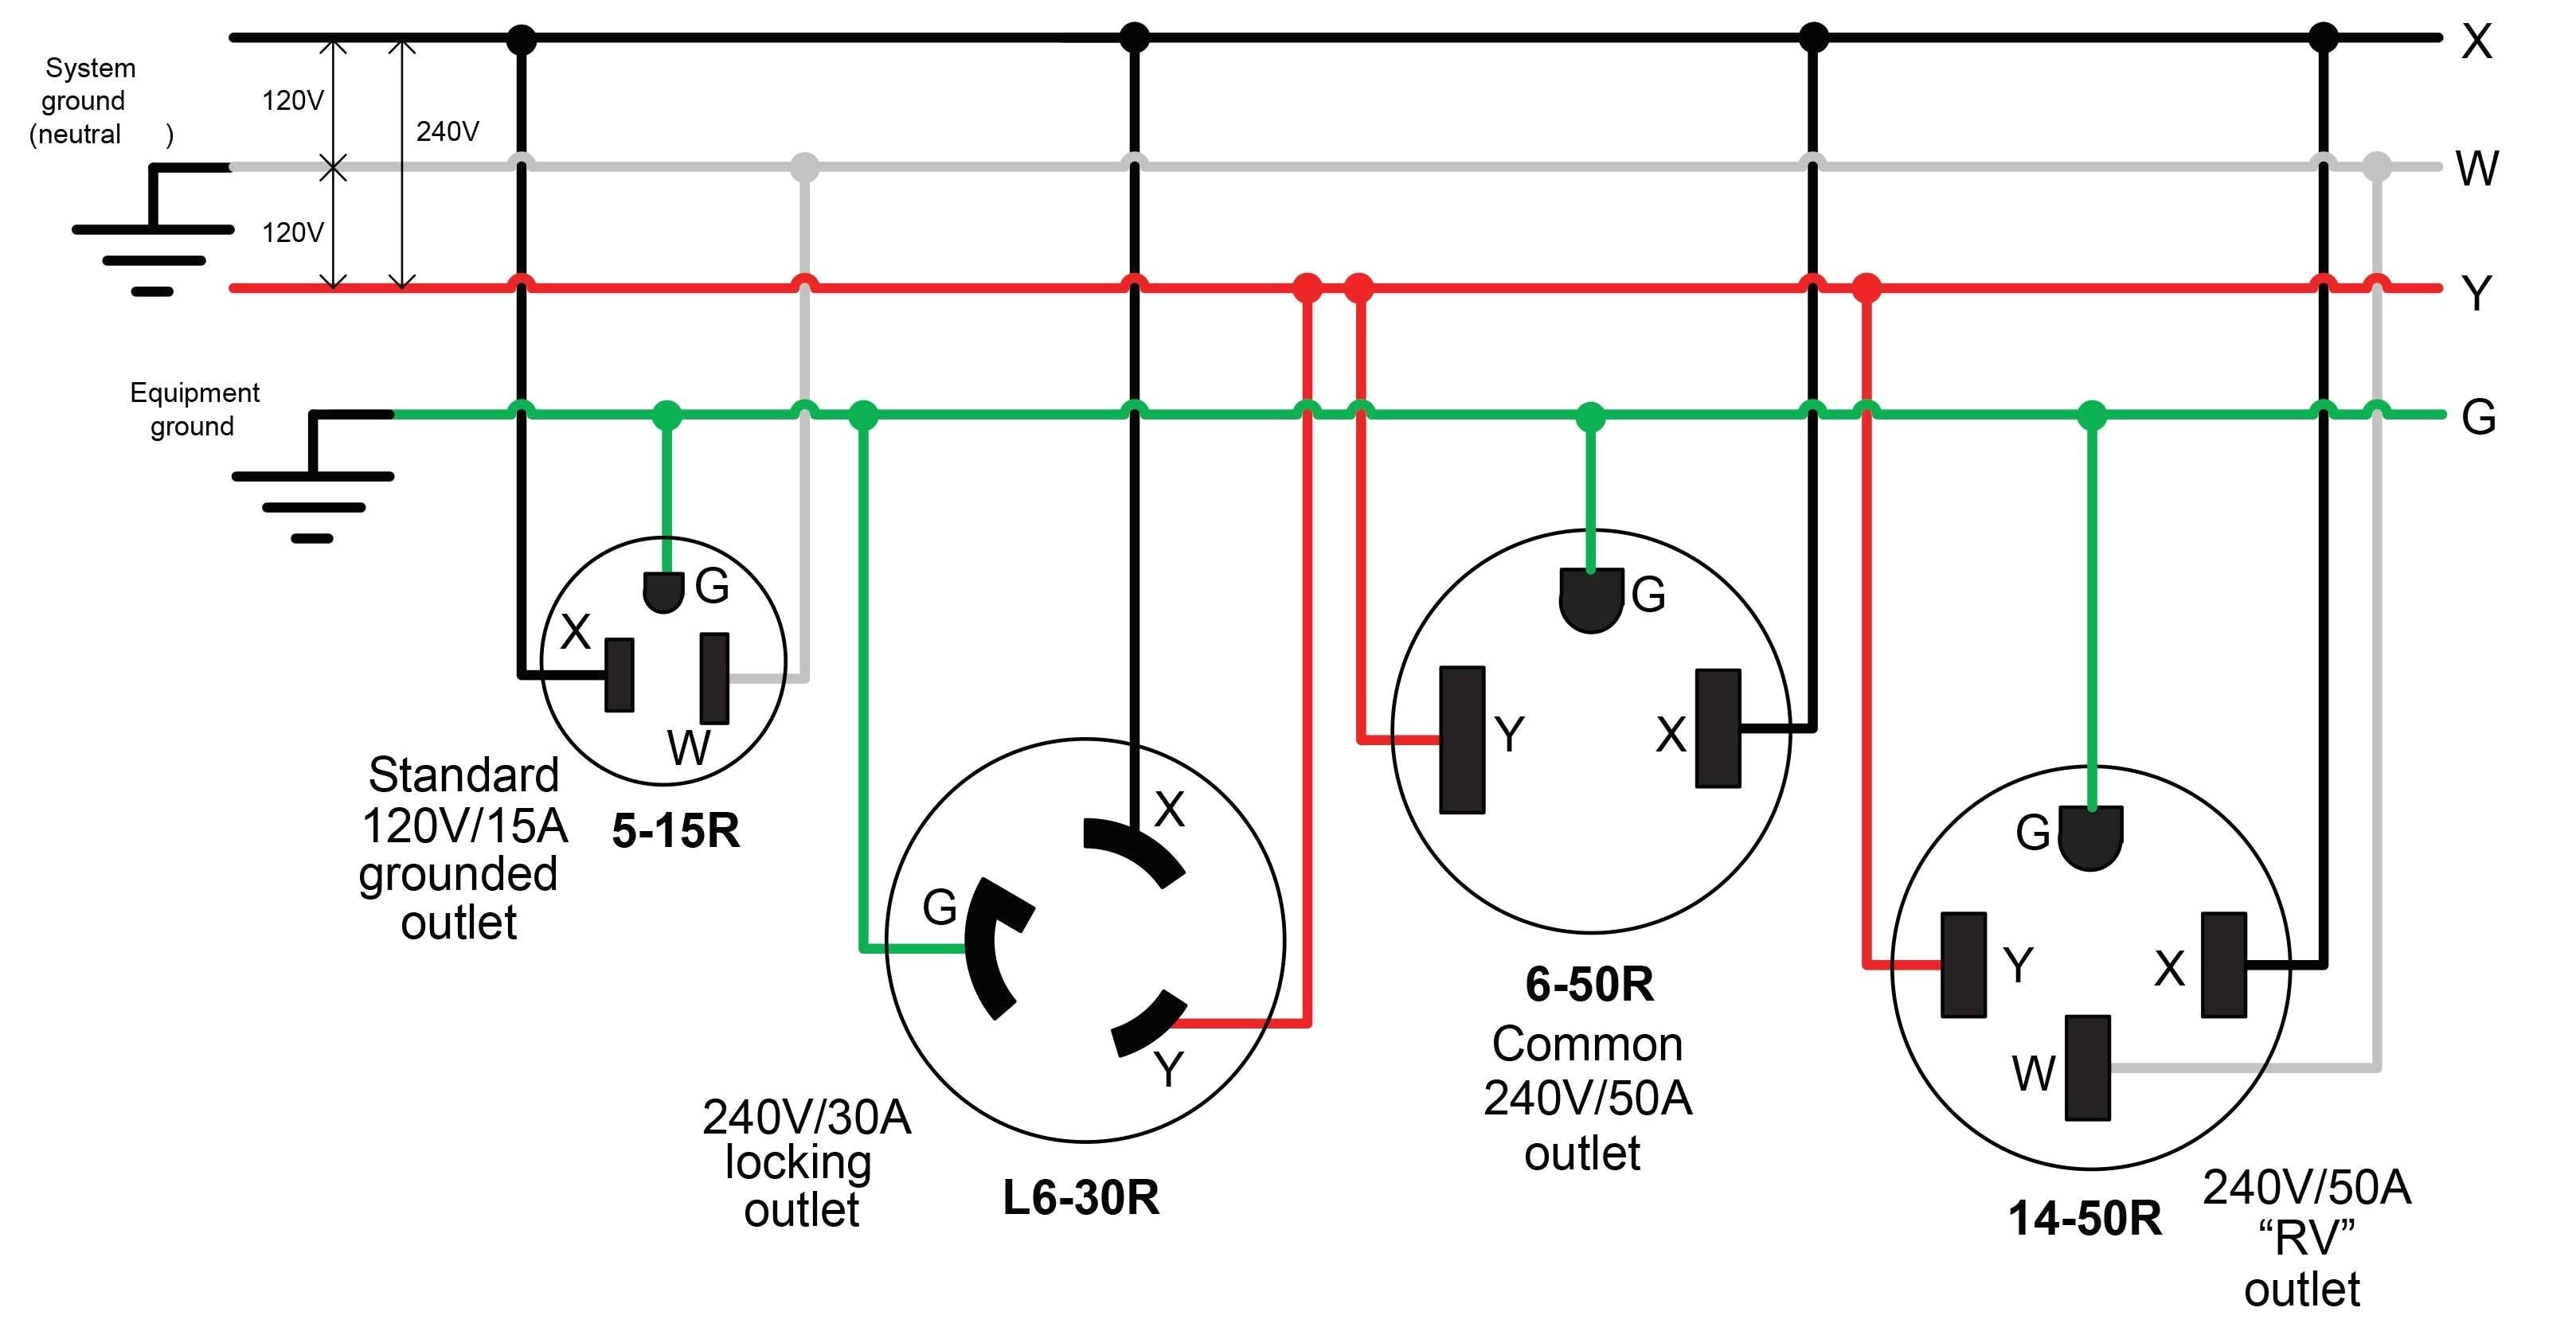 Nema 6-20r Wiring Diagram | Wiring Diagram Image on nema l5-30r wiring-diagram, nema 6 30p receptacle wiring-diagram, nema 650r receptacle, nema 14-50r wiring-diagram, nema receptacles style, nema 6 50 wiring, nema 5-20r, nema 2000 wiring diagram, nema l21-30r, nema 6-20p plug receptacle, nema 5-15p wiring-diagram, nema plugs and sockets, nema cord cap configurations, nema 7 actuator, nema l14-20p wiring-diagram, nema electrical outlet types, nema plug c, nema 6-30r wiring-diagram, nema 5-15p plug adapter,